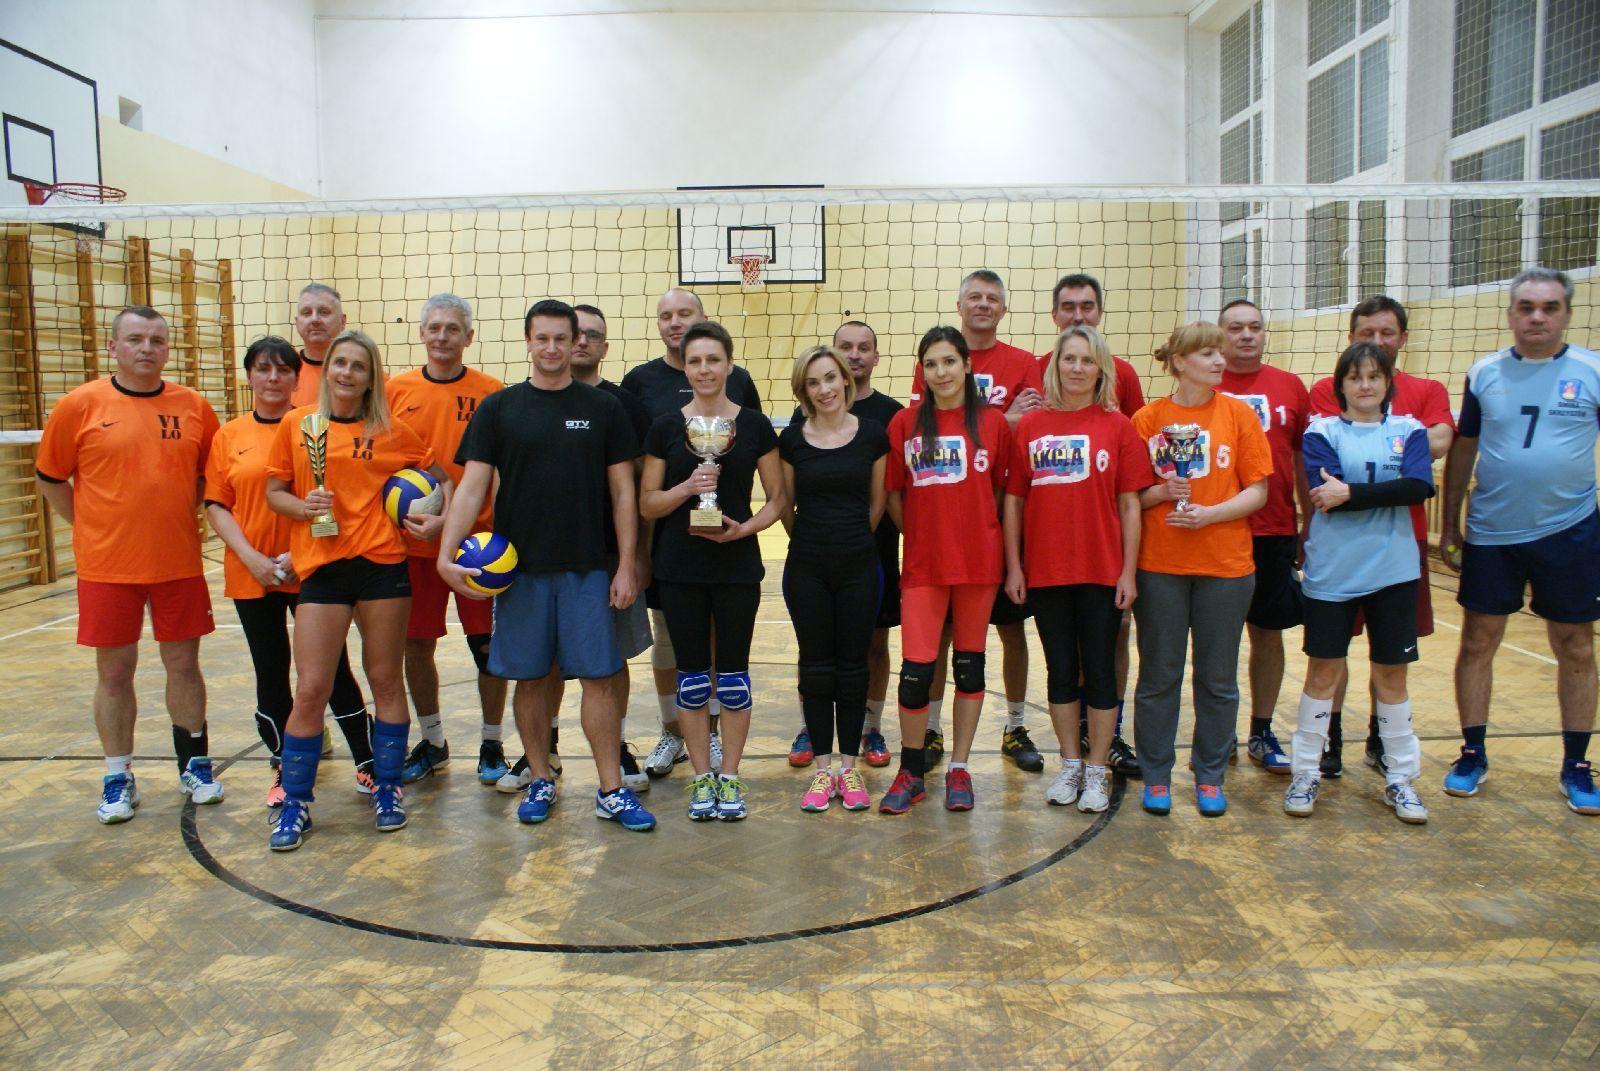 Oglądasz obraz z artykułu: Puchar Starosty   dla Zespołu Szkół Ogólnokształcących Nr 4 w Tarnowie